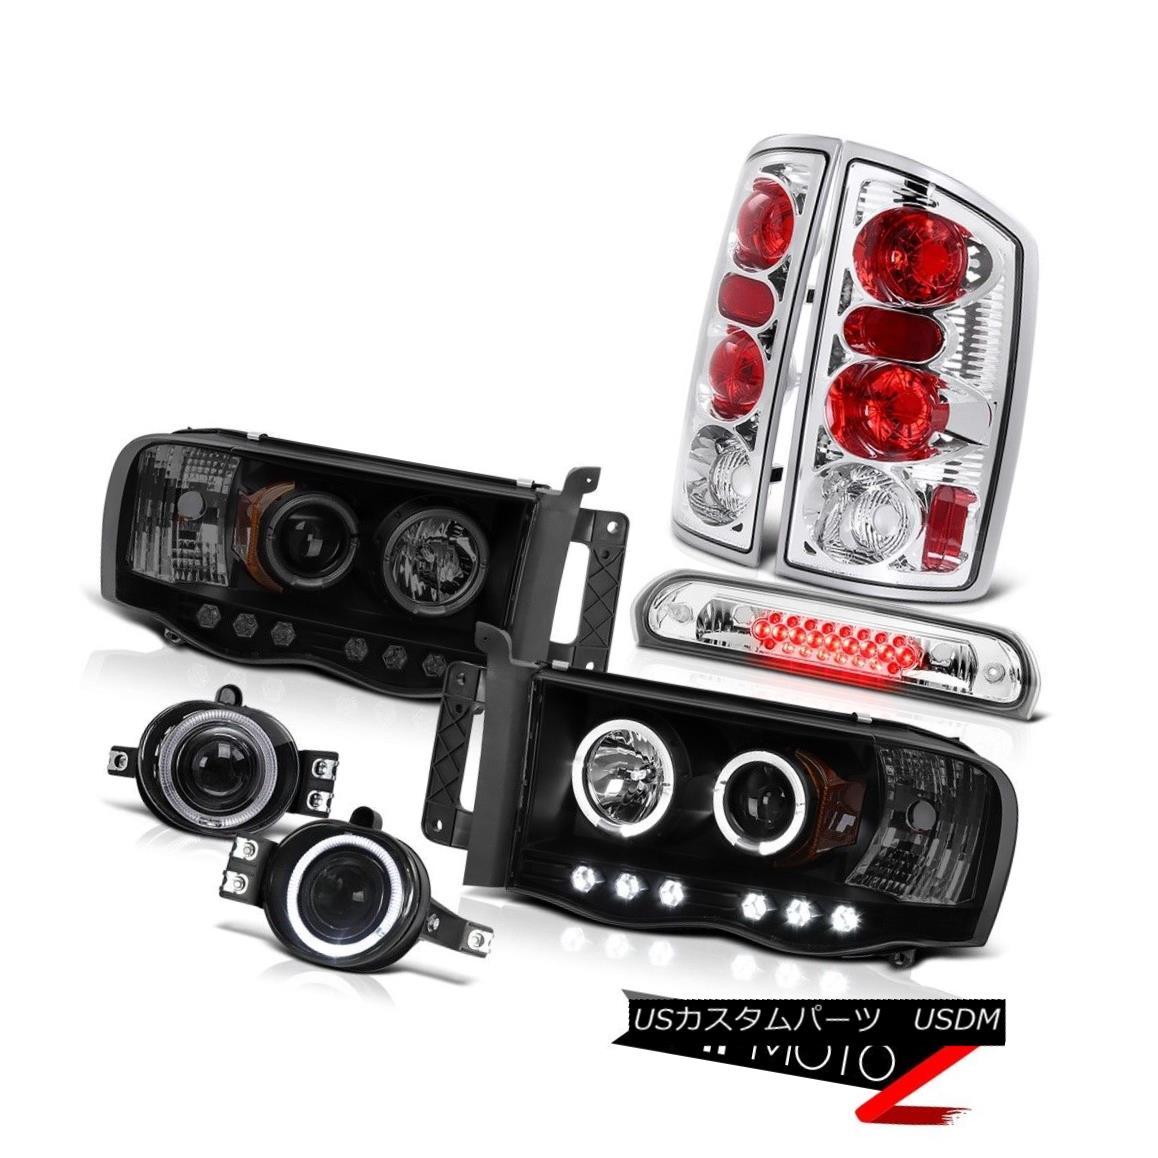 テールライト 2002-2005 Ram 3500 Black+Smoke Halo Headlights Brake Taillamps Projector Fog LED 2002-2005 Ram 3500 Black + Smoke HaloヘッドライトブレーキタイヤランププロジェクターフォグLED